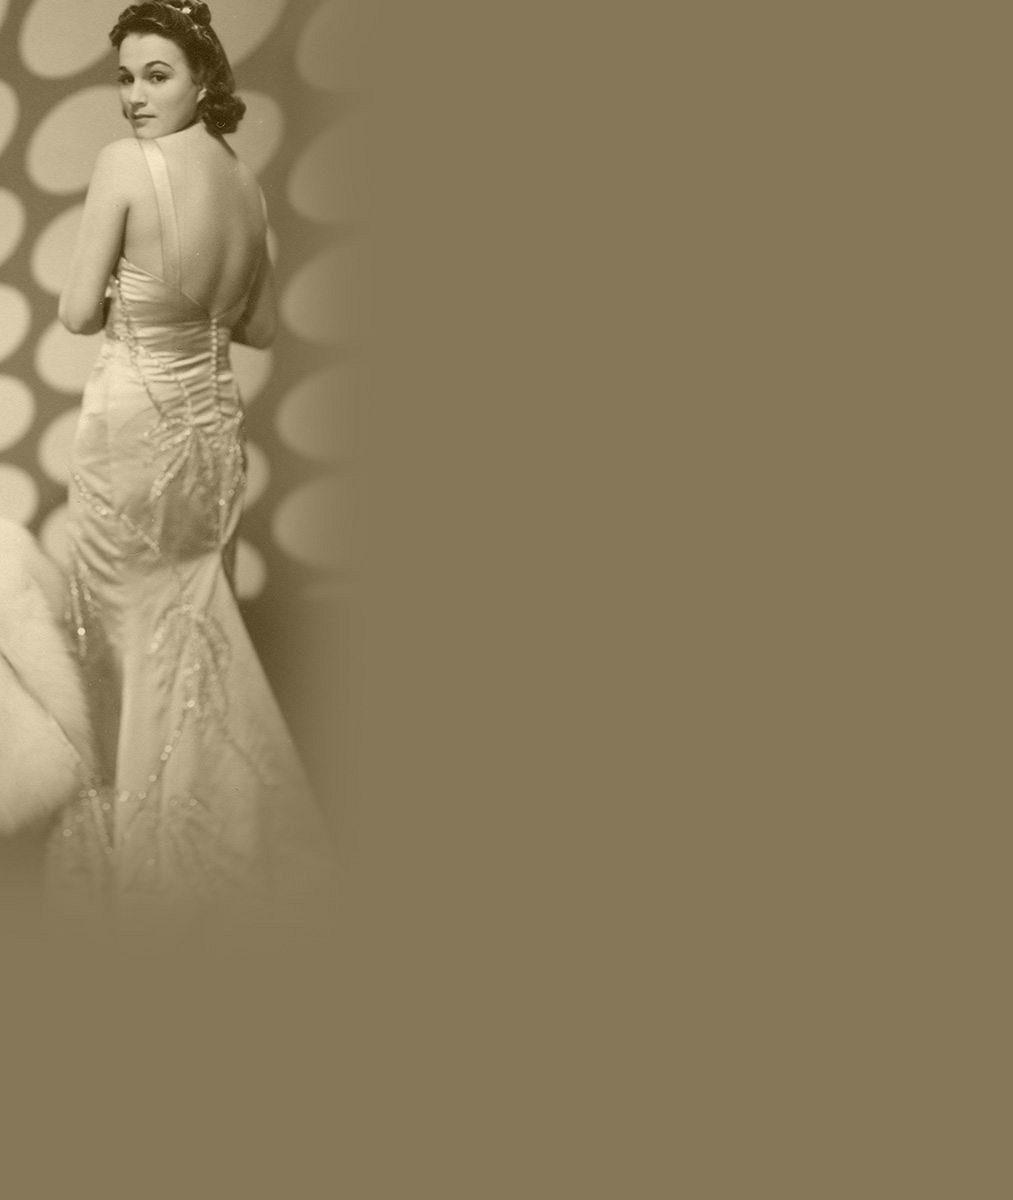 Tak tuhle herečku byste pod nánosy make-upu nehledali: Martha Issová jako sexsymbol 30. let Adina Mandlová